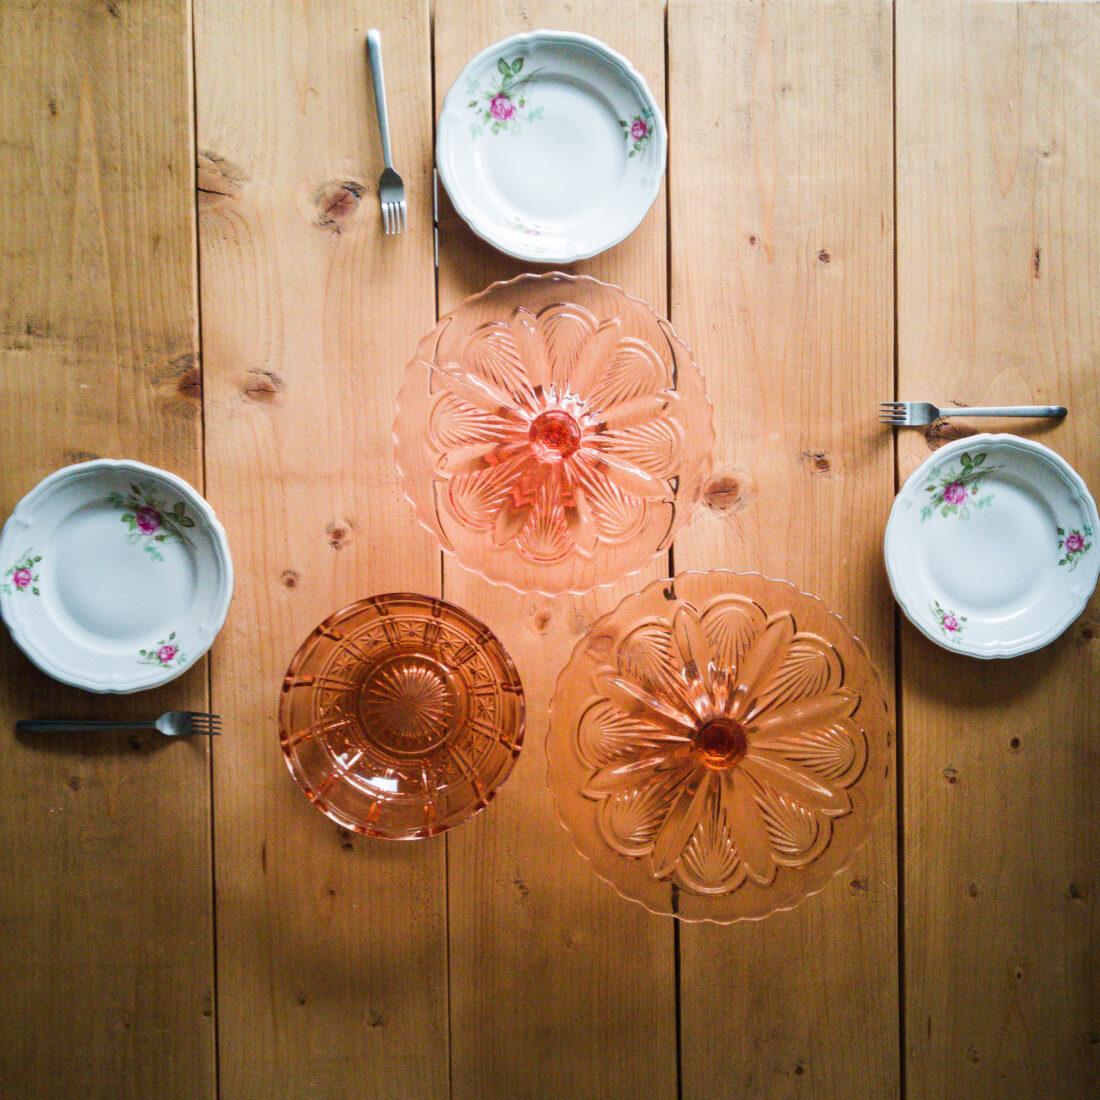 roze glaswerk en bloemetjesservies